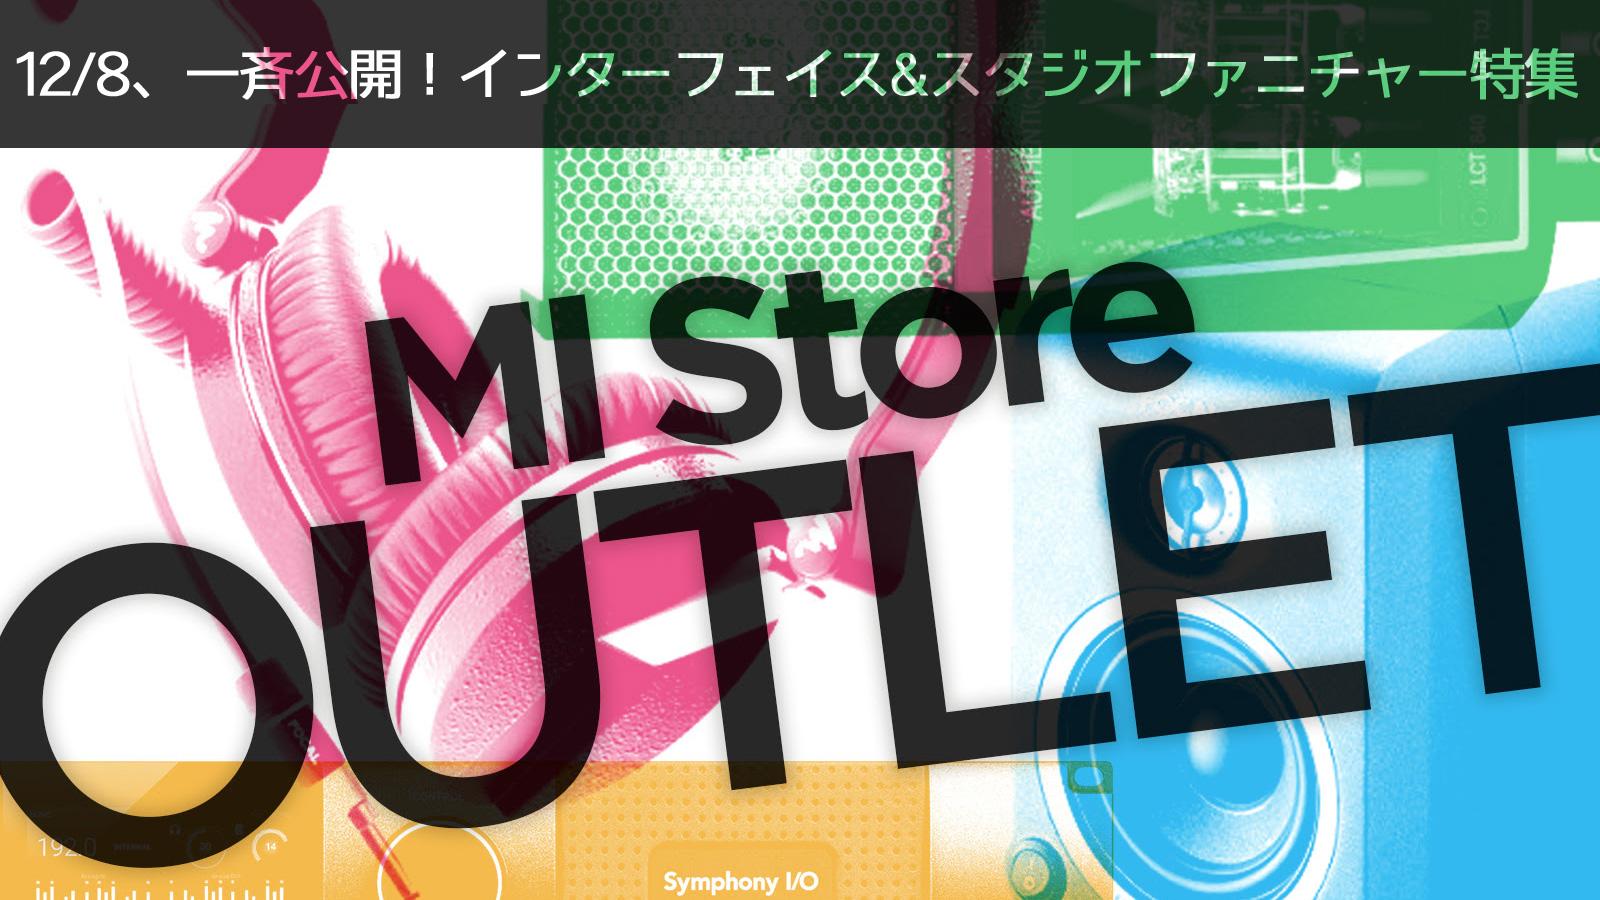 12月8日、一斉追加!インターフェイス & スタジオファニチャー特集!